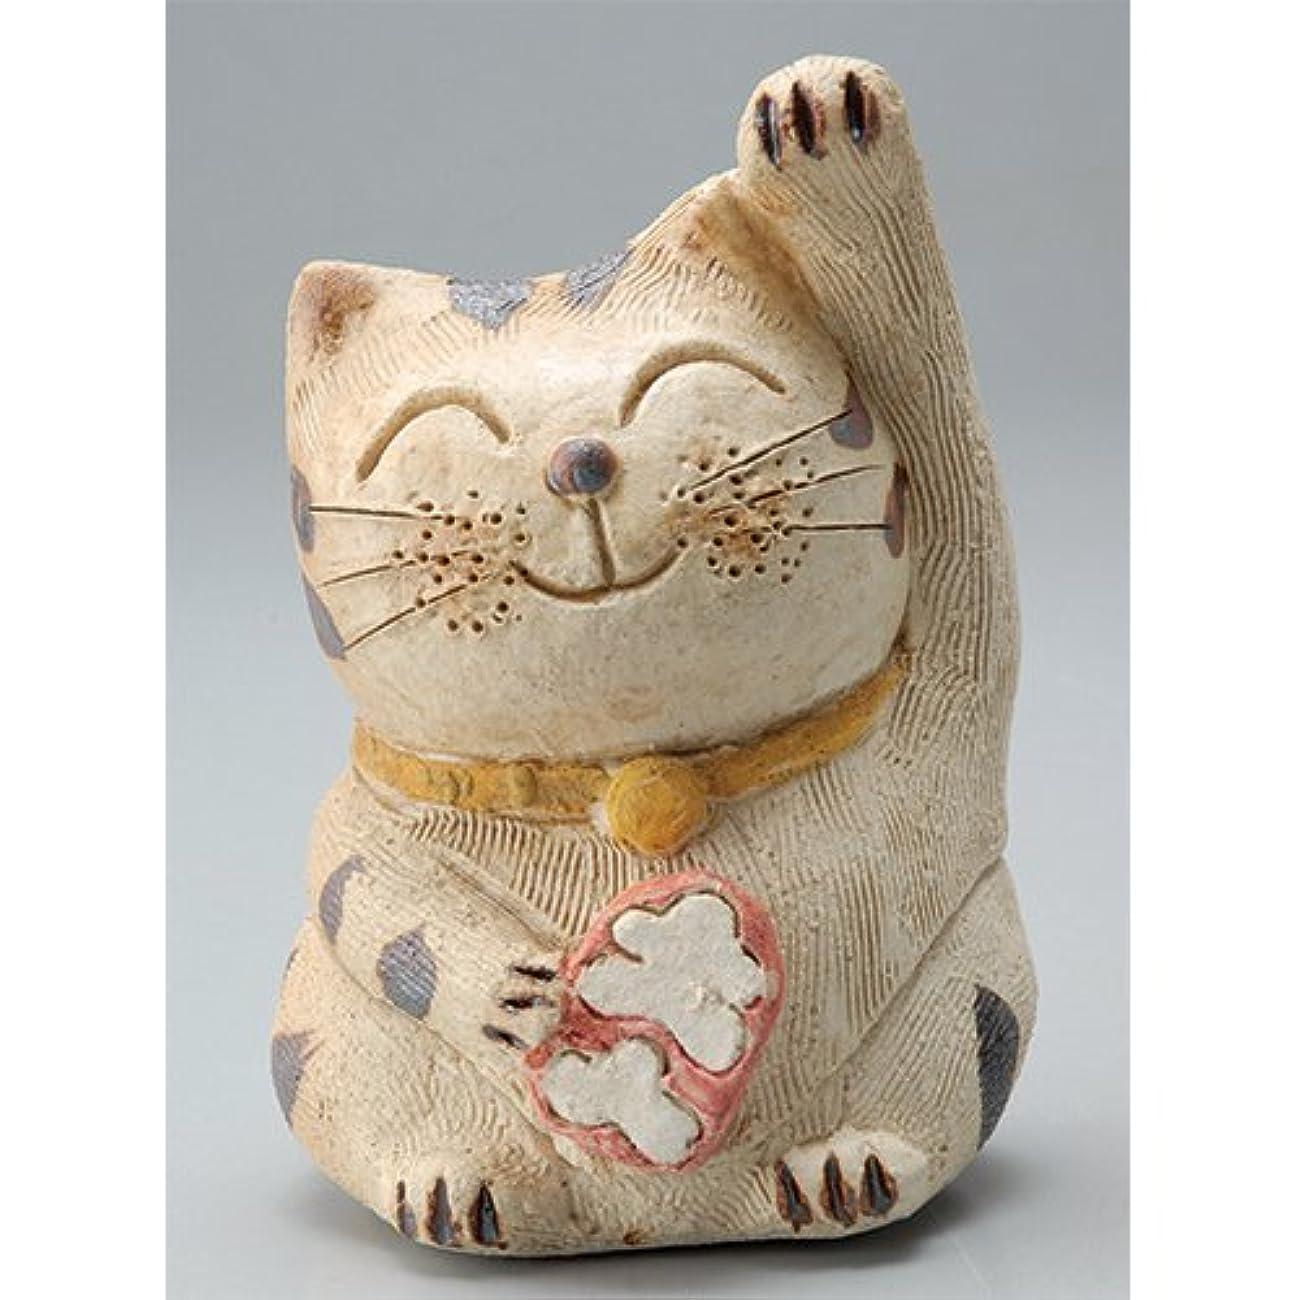 うがい薬シャーステートメント香炉 微笑み招き猫(人招き)香炉(中) [H14cm] HANDMADE プレゼント ギフト 和食器 かわいい インテリア